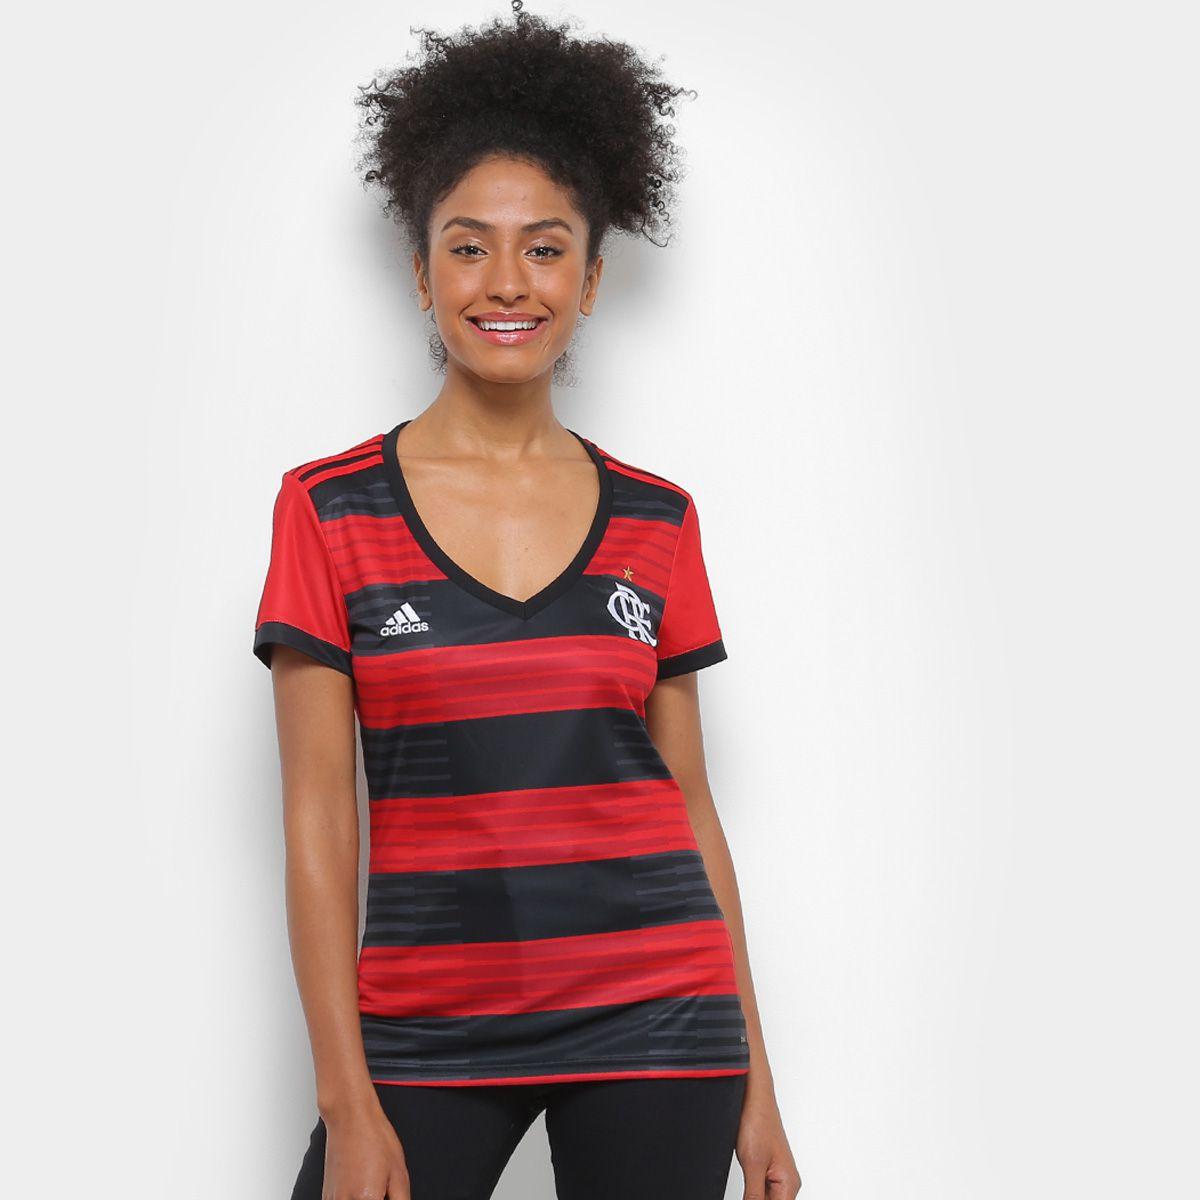 Camisa Flamengo I 2018 s n° Torcedor Adidas Feminina - Vermelho e Preto -  Point do Esporte 7a3e7c6859b96